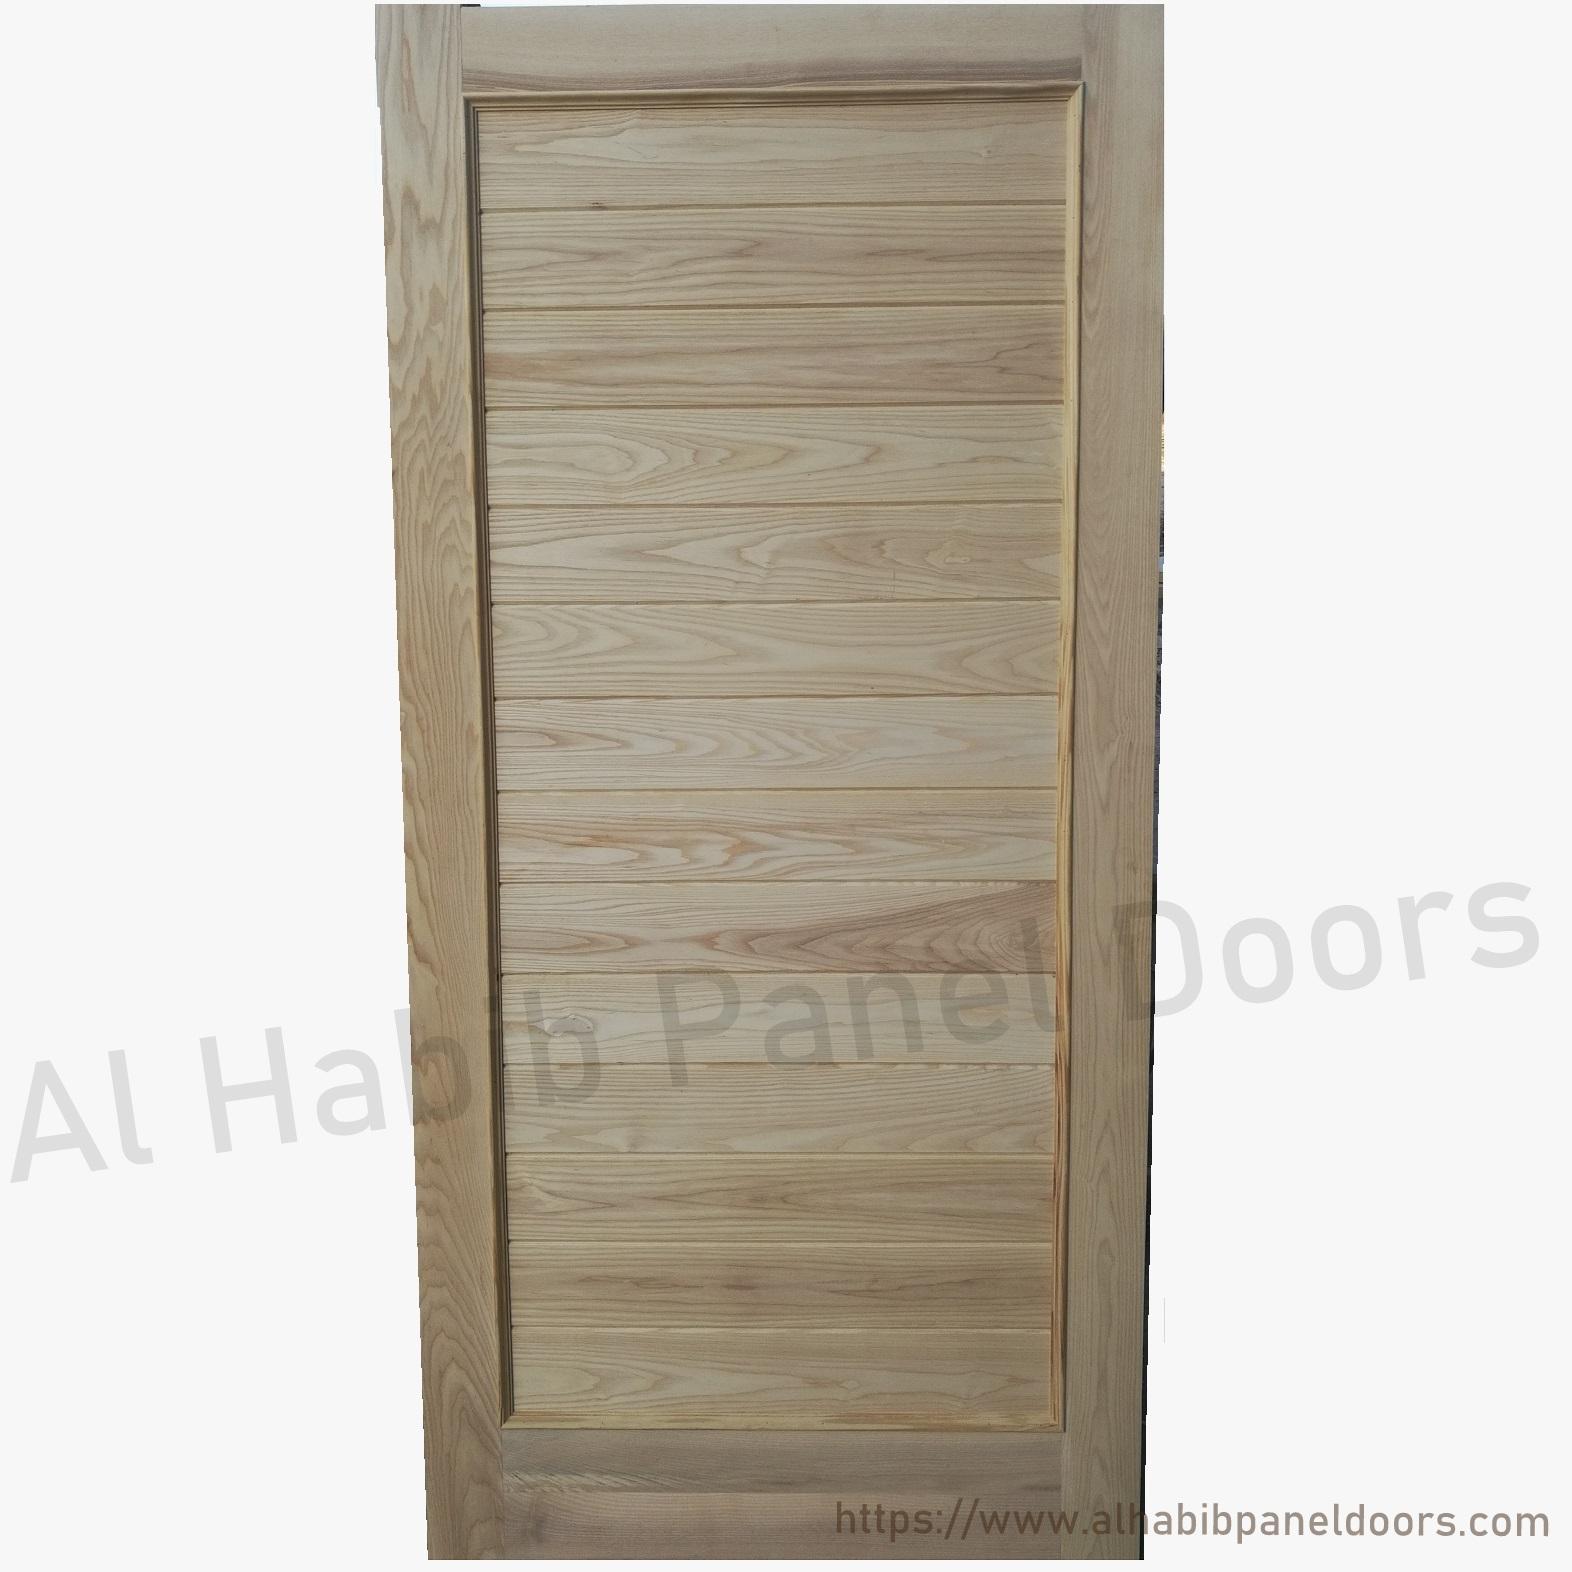 Ash Wood Door Design Hpd Solid Wood Doors Al Habib Panel Doors - Wooden door designs for bedroom